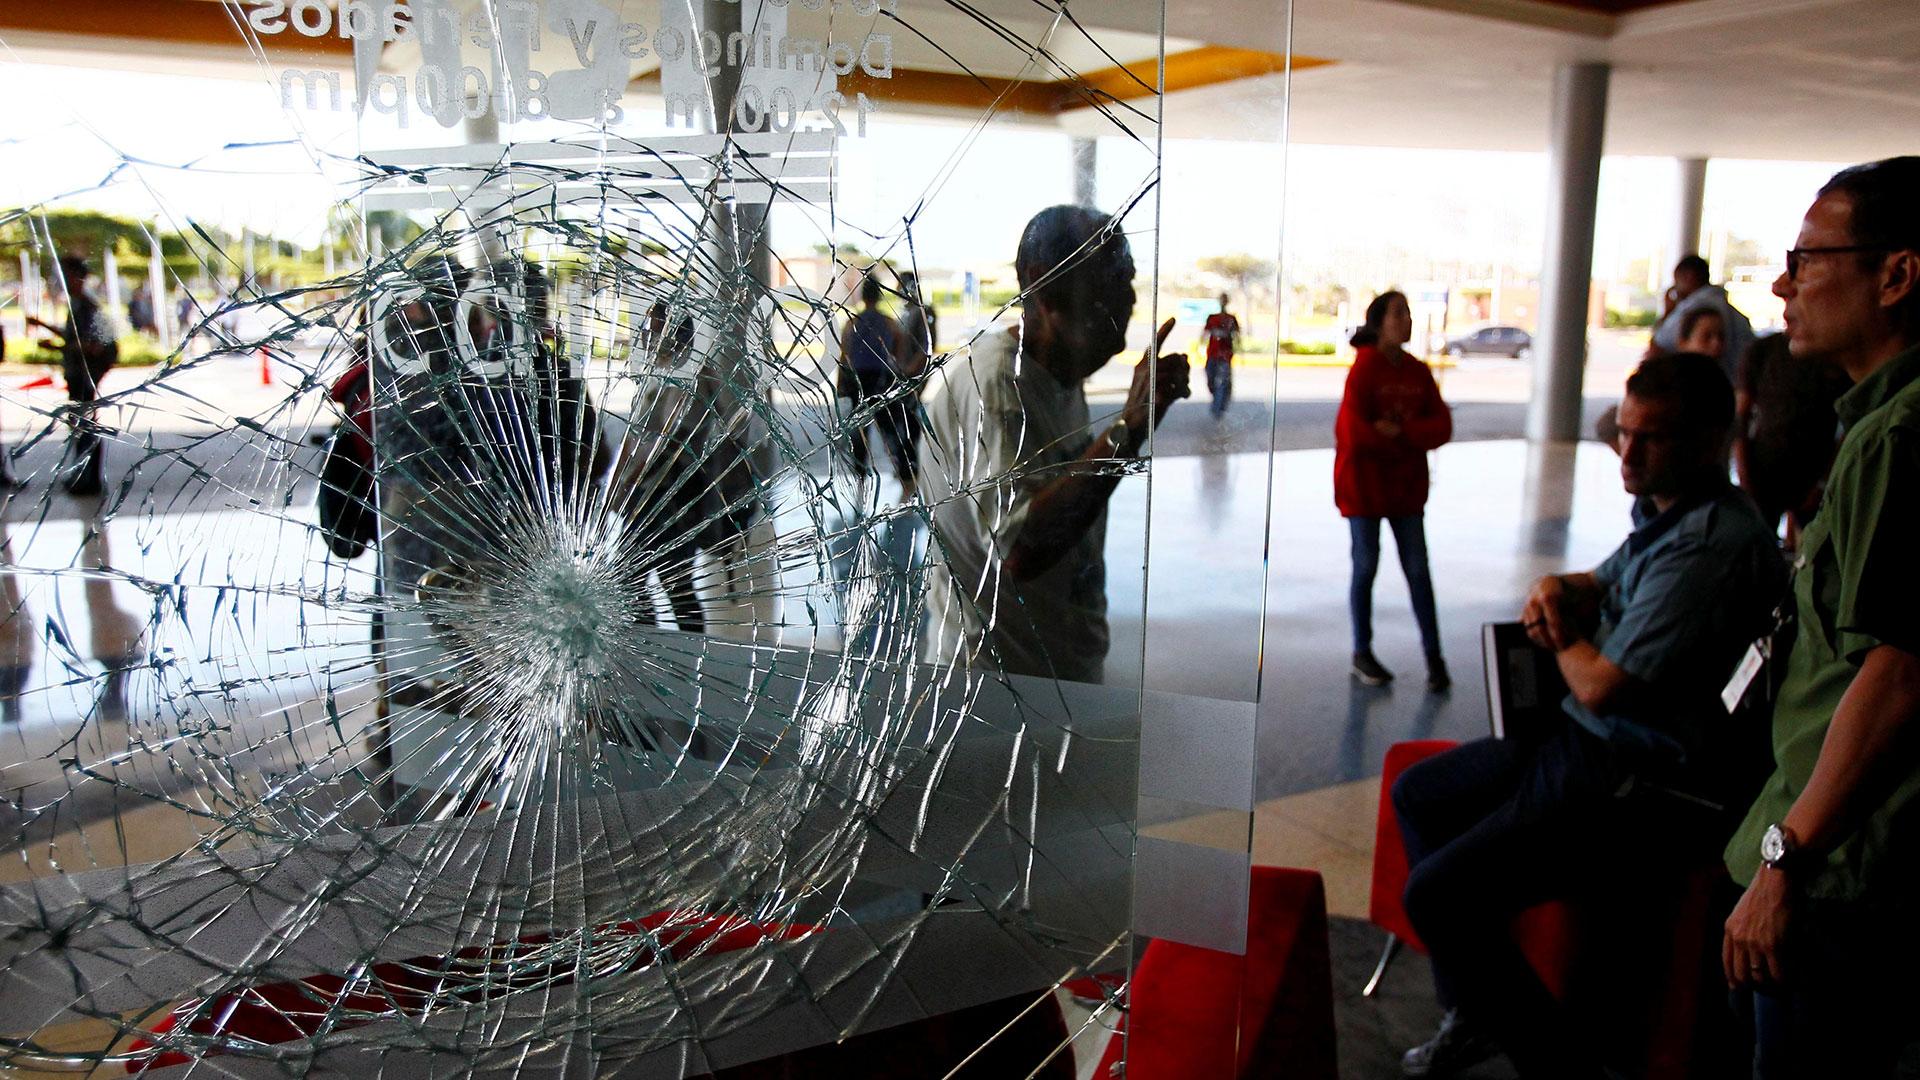 Así quedó la ventana de uno de los negocios saqueados en un centro comercial (Reuters)